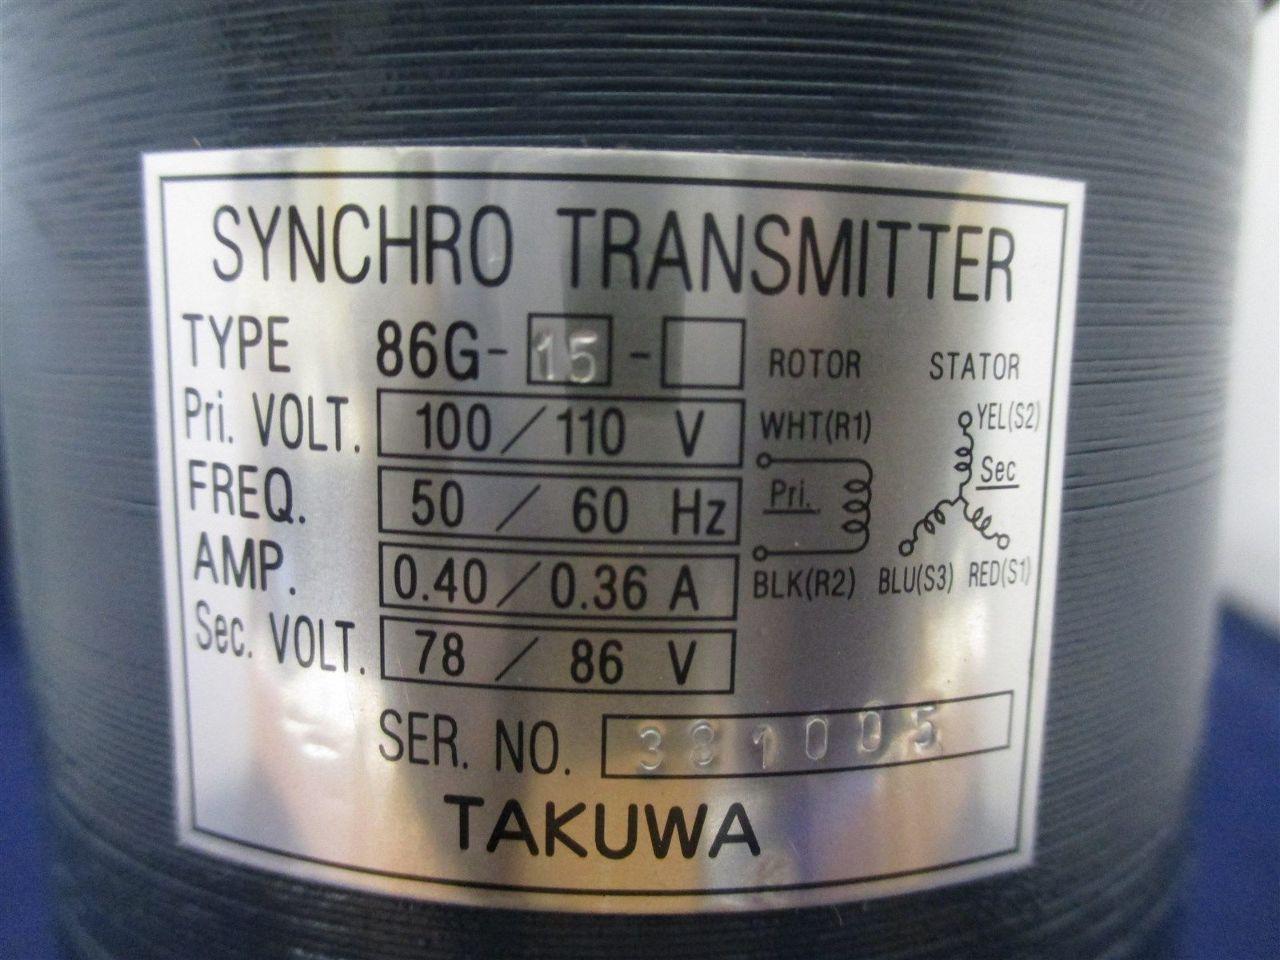 Takuwa 86g 15 Synchro Transmitter Motor Process